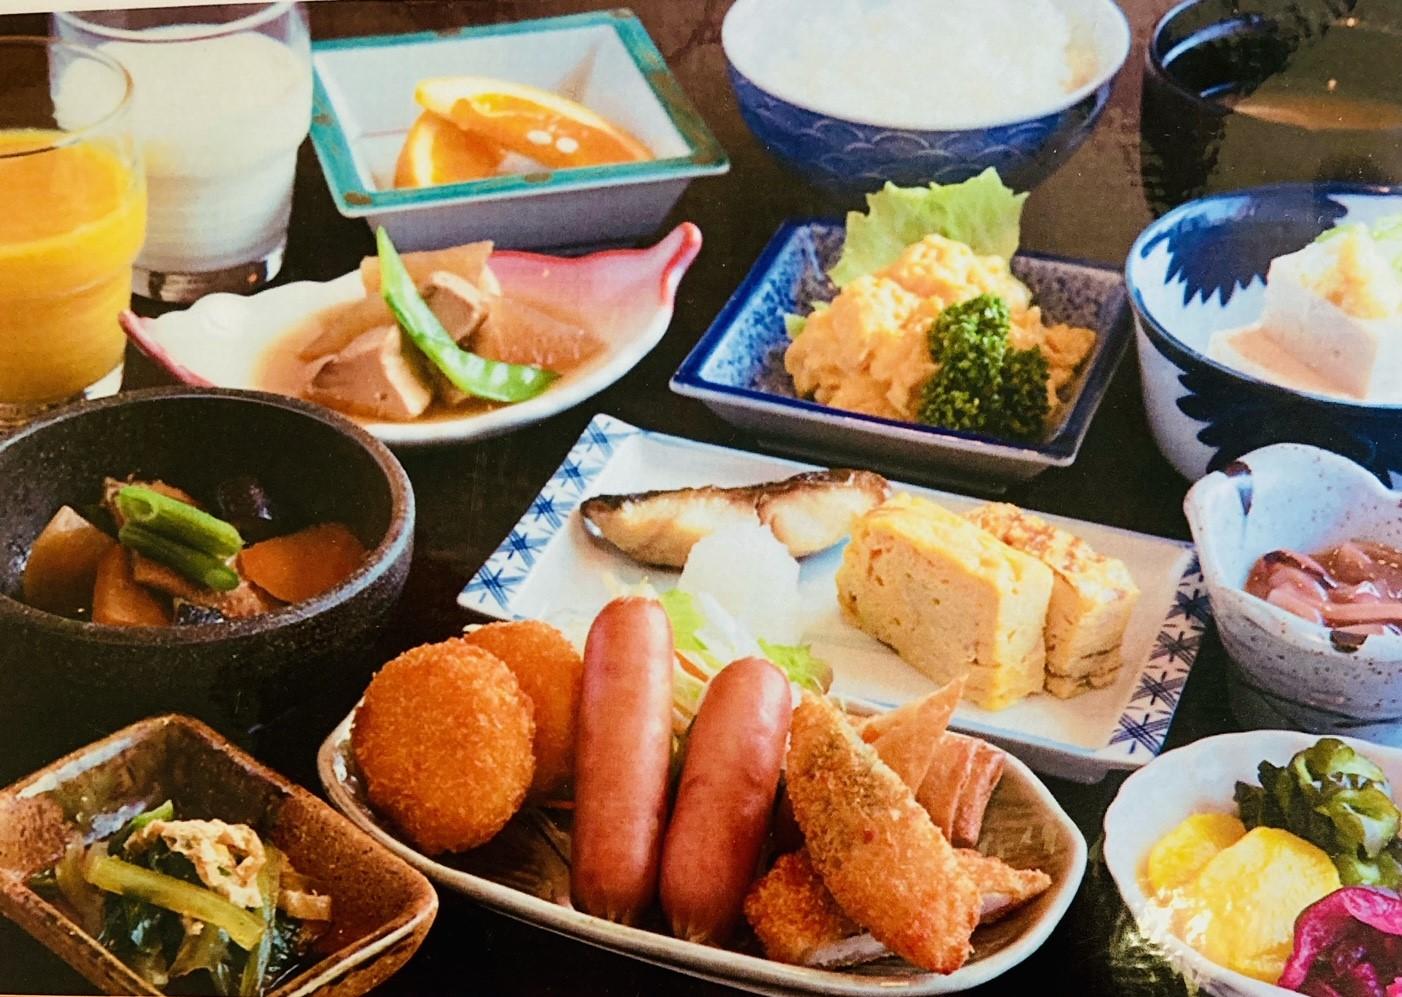 ホテル ハミルトン札幌 / 【朝食付】【早期予約】30日前までの予約でお得なプラン♪